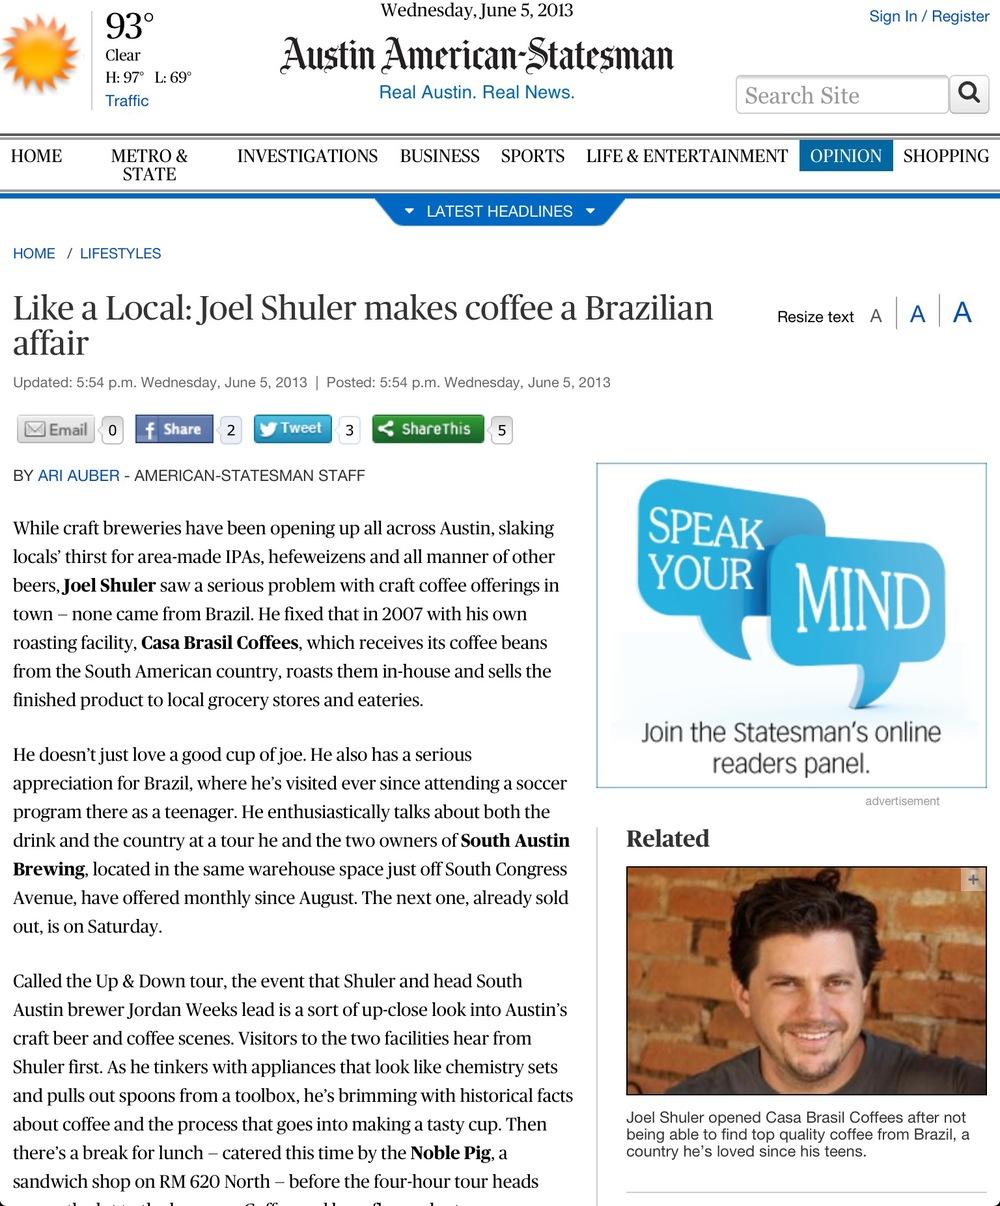 Joel Shuler of Casa Brasil in Austin-American Statesman, June 2013